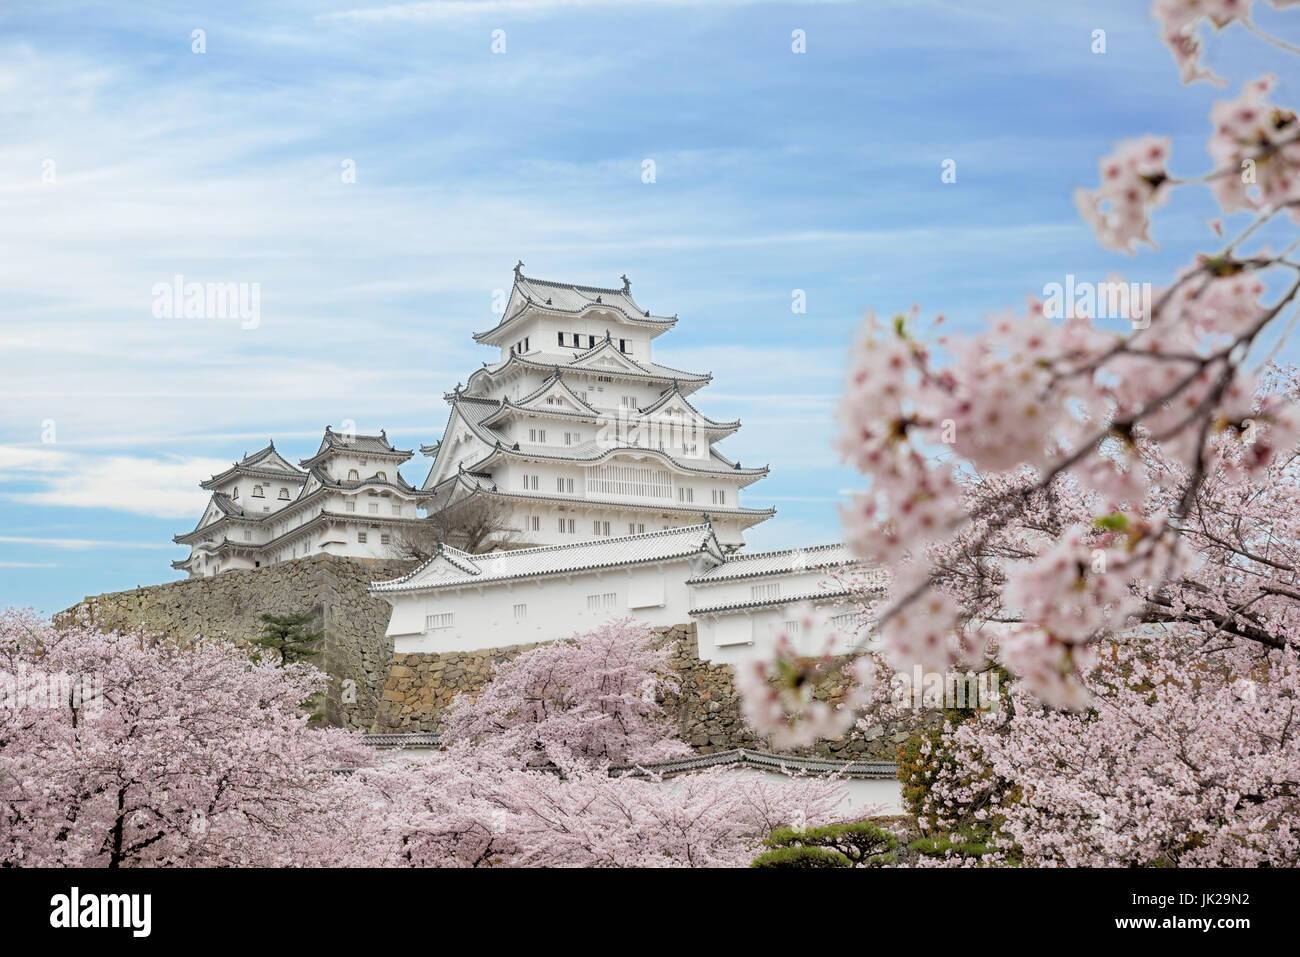 Flores de cerezo en flor y el castillo de Himeji en Himeji, en la provincia de Hyogo, Japón Imagen De Stock